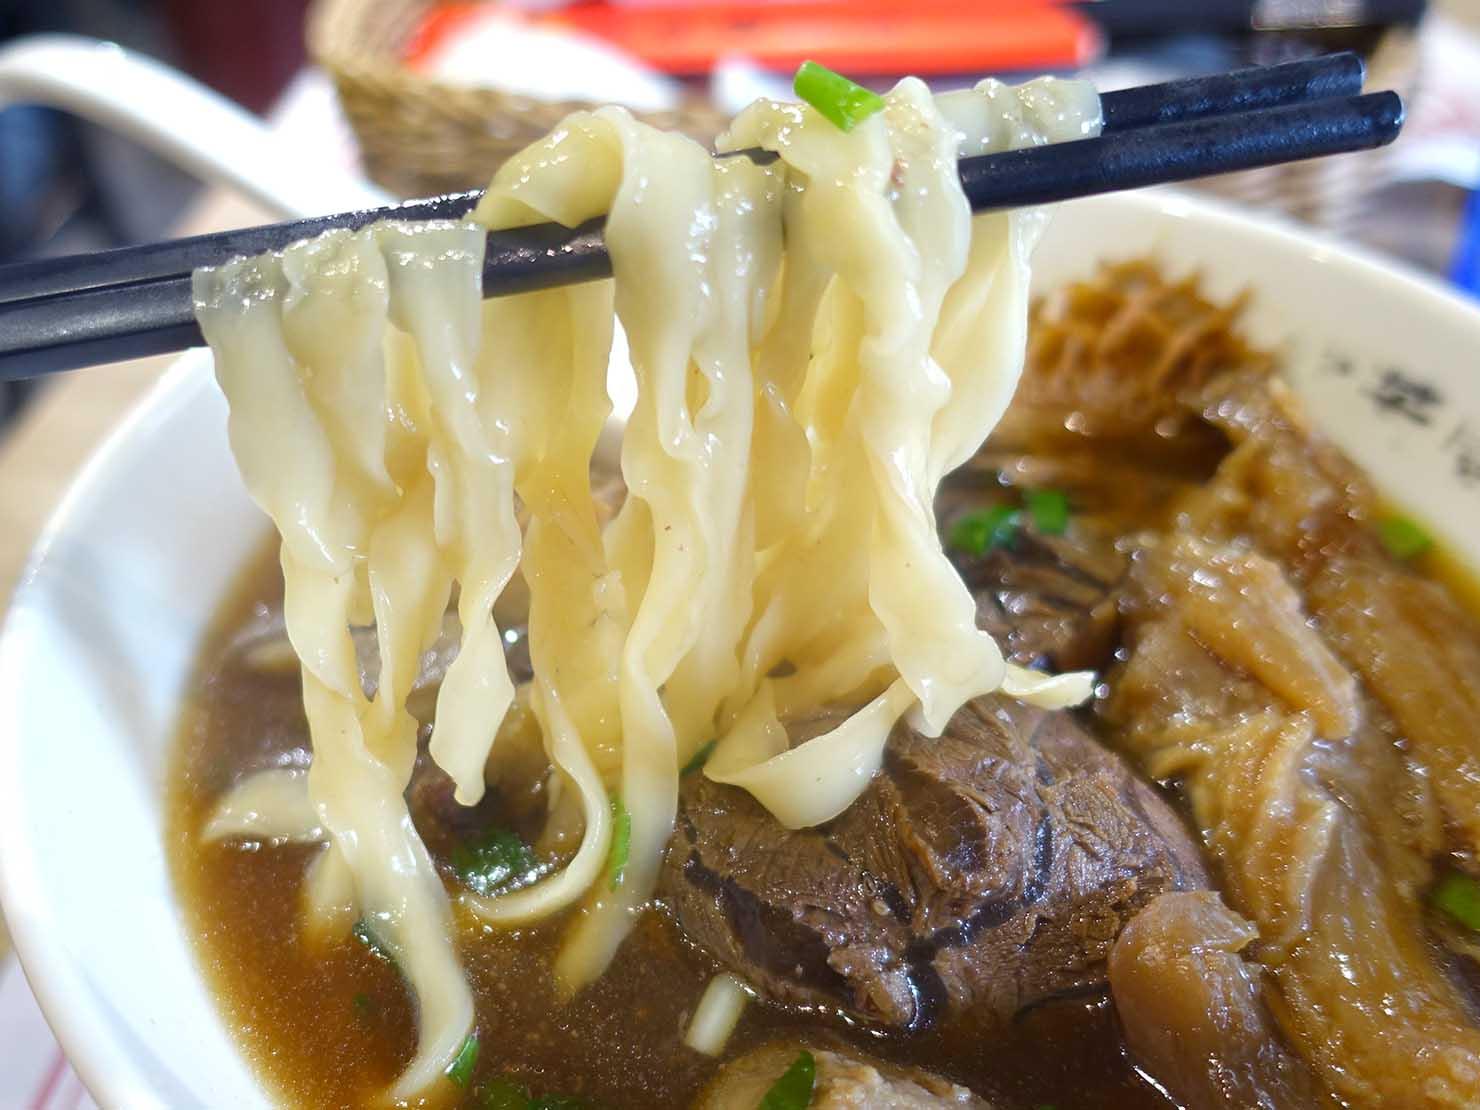 台北の有名牛肉麵店「北芳園」の看板メニュー「添好運六寶牛肉麵」麺のクローズアップ